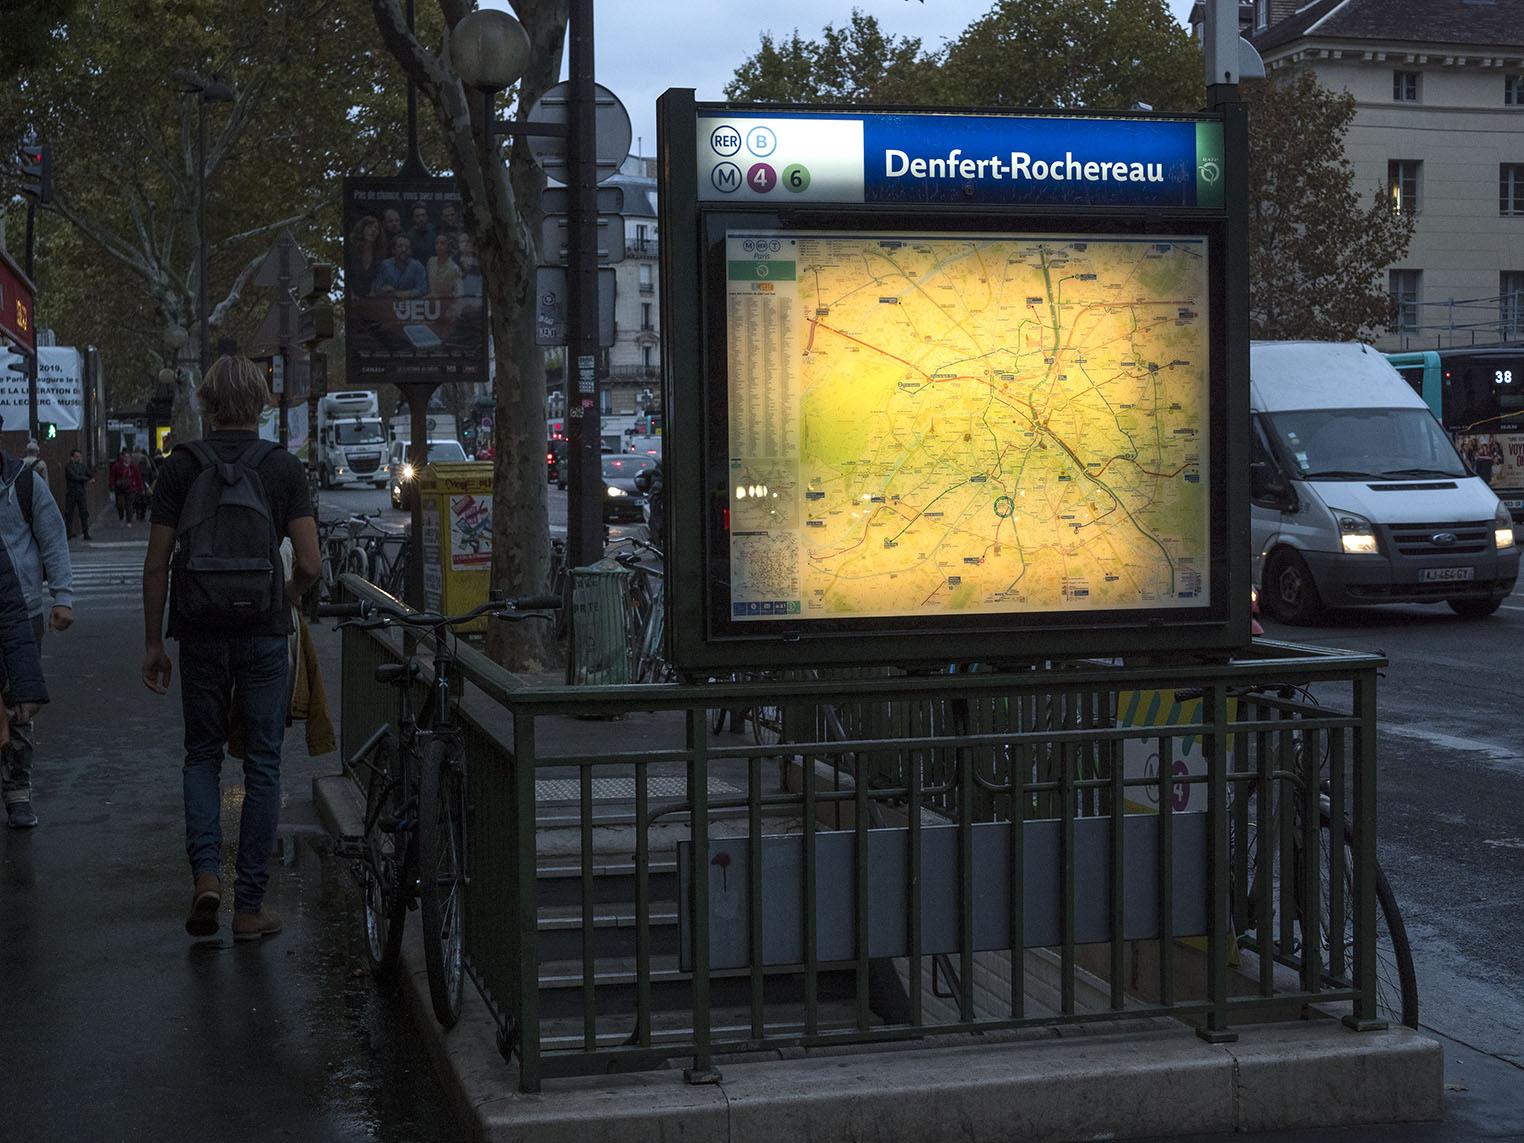 Paris katakomber med otaliga dödskallar uppradade på ett bisarrt sätt finns några meter under järnvägsstationen Denfert-Rocherau som ligger just i rue Daguerres östra ände. Olympus OM-D E-M1 II, Zuiko 25 mm 1,2, 1/320 sekund, bländare 5,0, 800 Asa